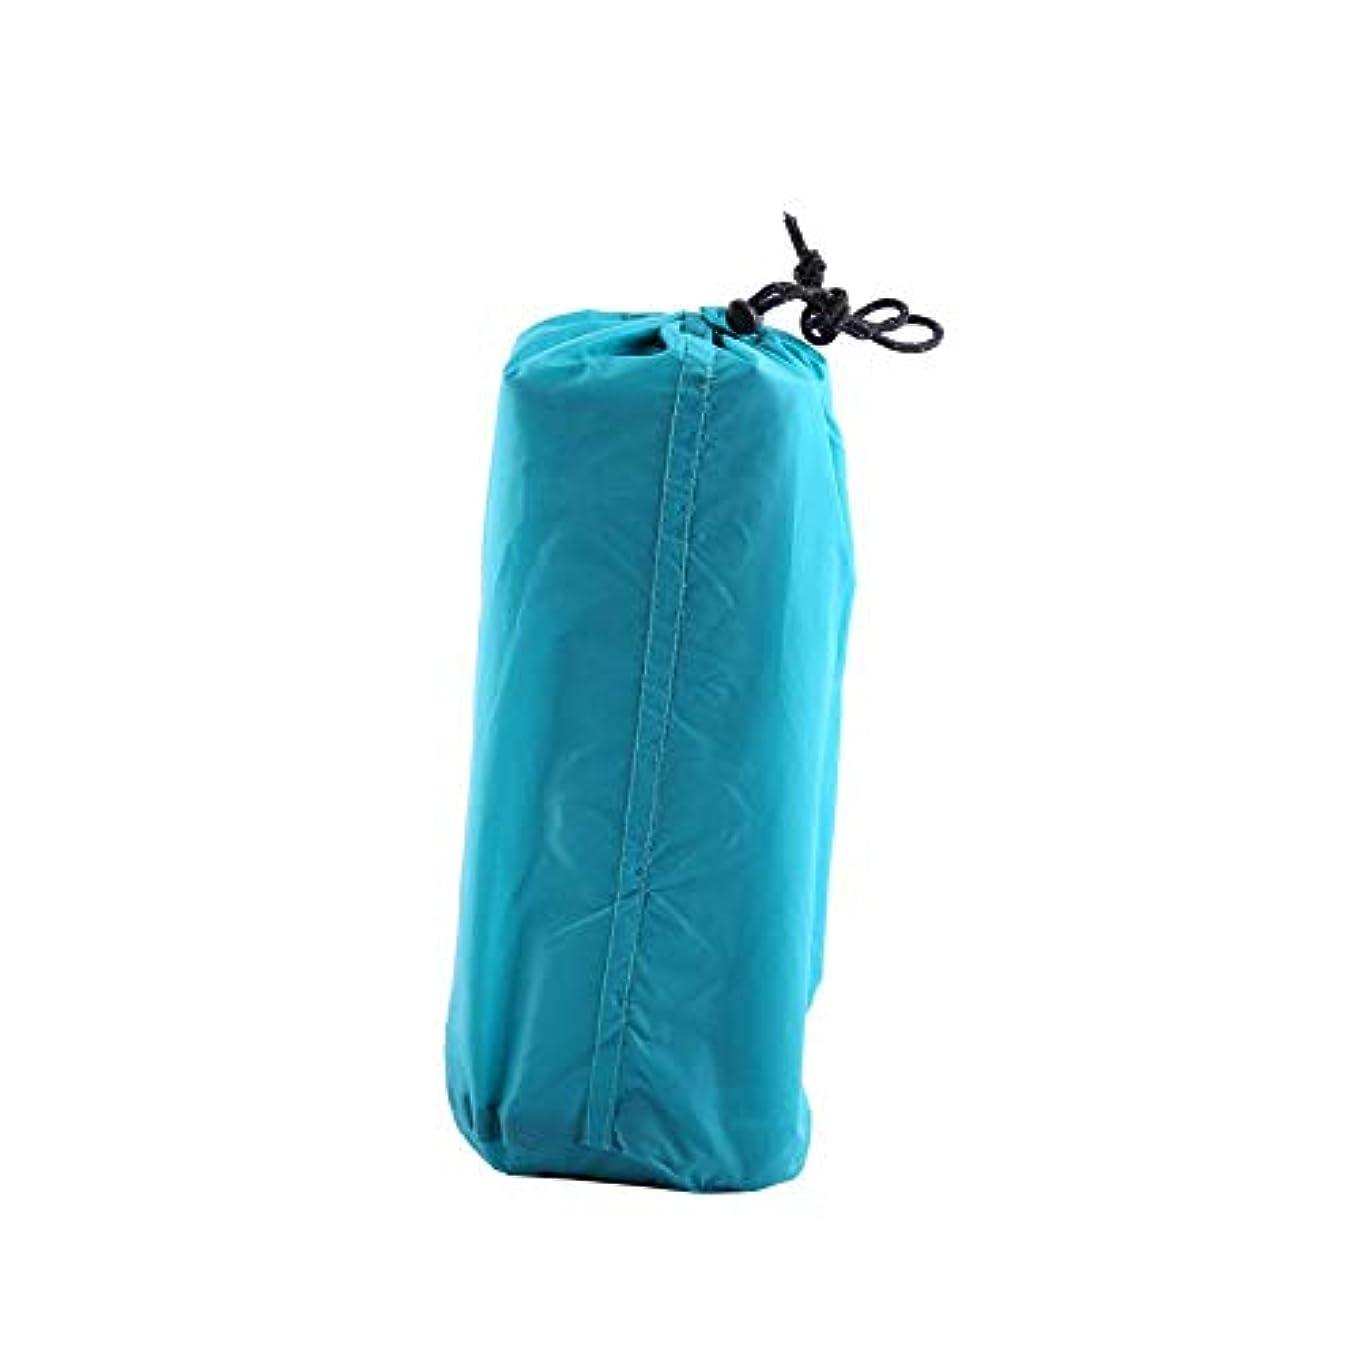 幼児コーチ気楽なスリーピングマット 寝袋 キャンプ用エアマットレス 膨脹可能 二重層 快適 持ち運び便利 3色